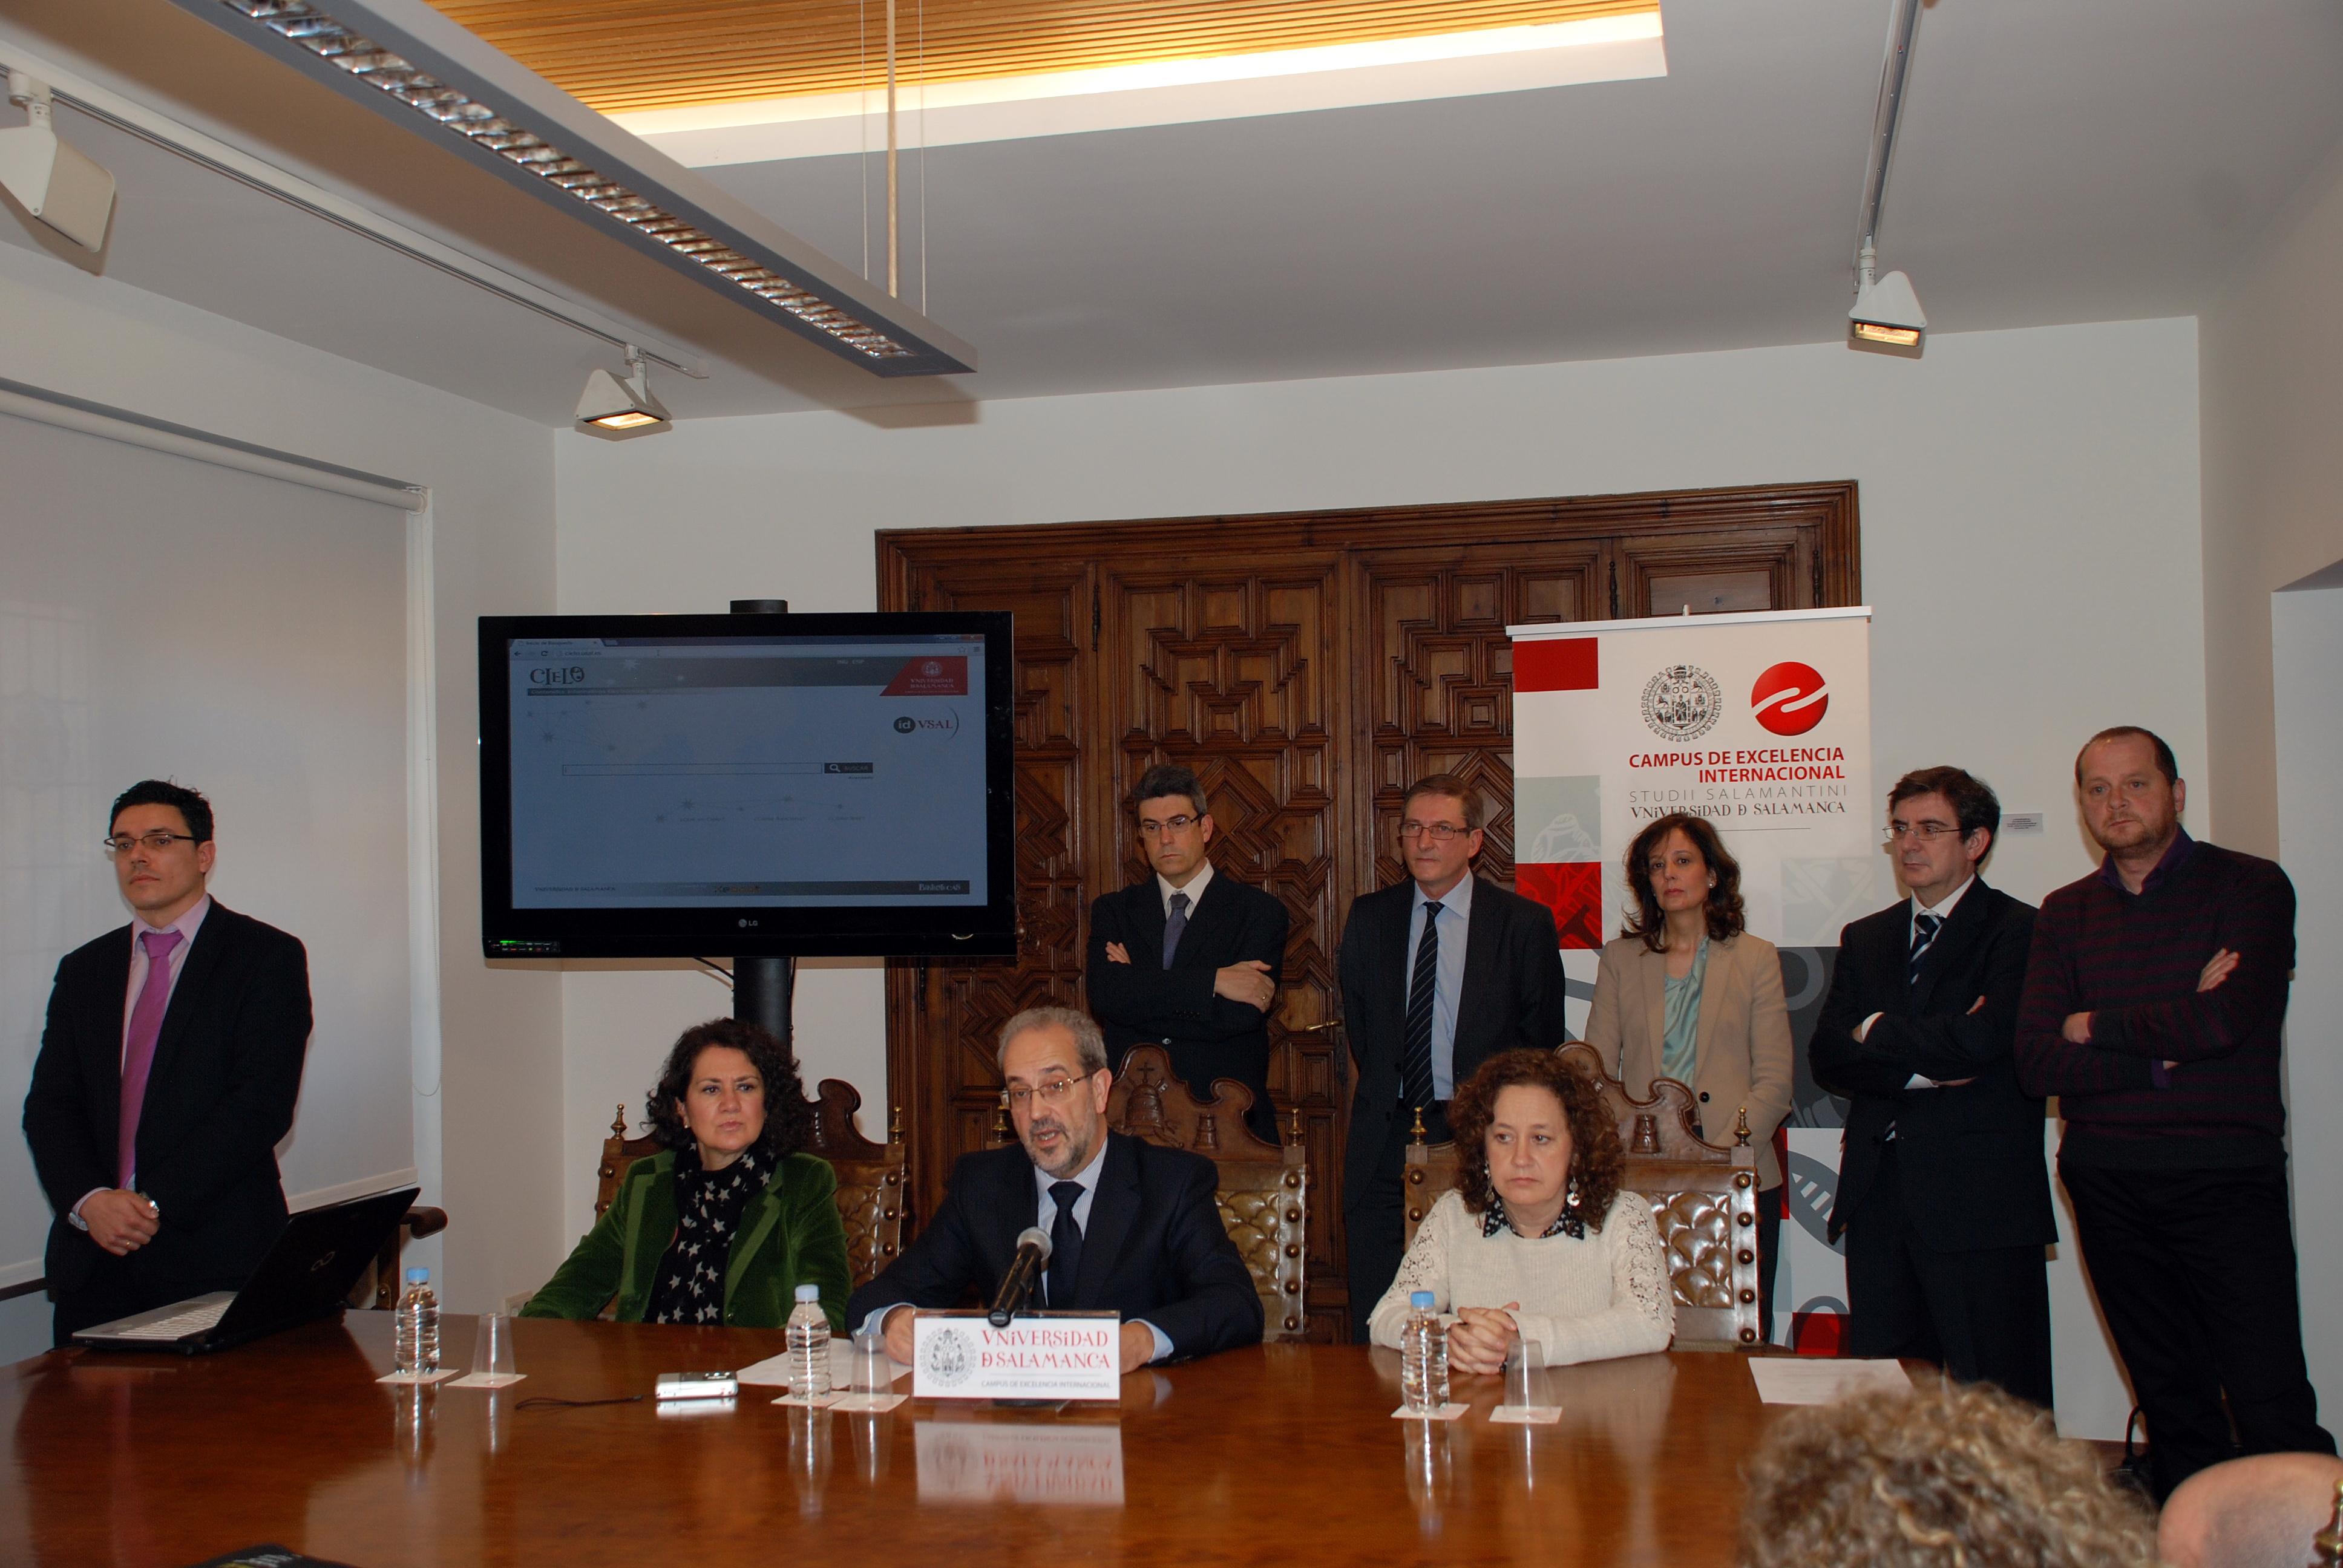 La Universidad de Salamanca presenta la primera plataforma de préstamo bibliotecario de libros electrónicos de la universidad española